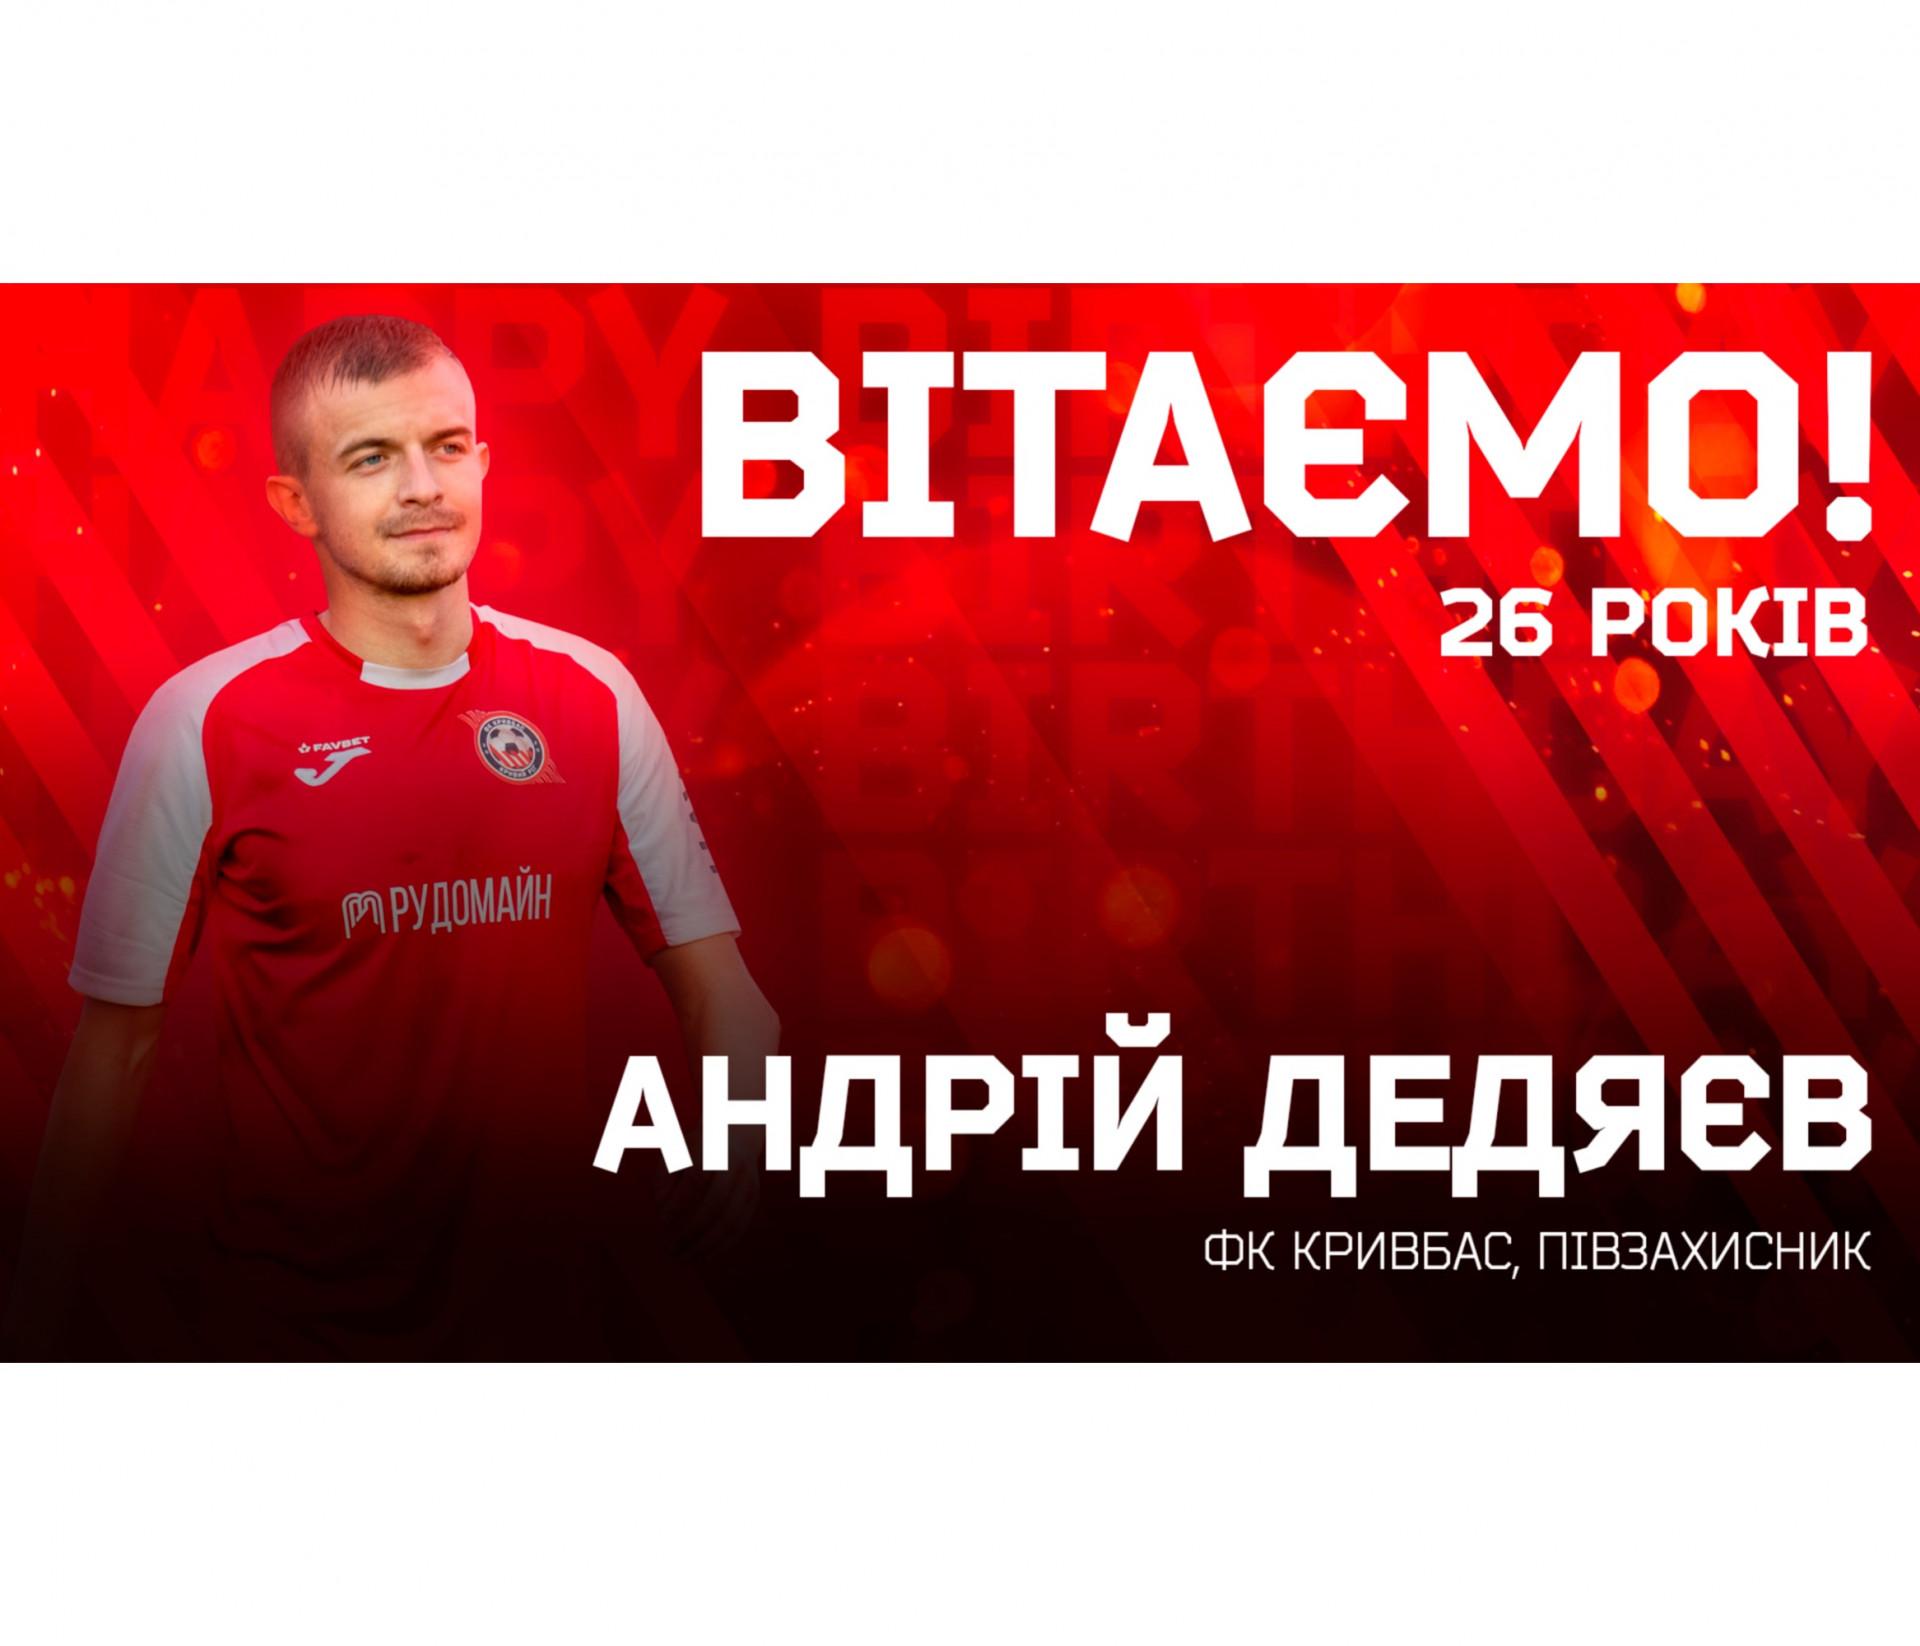 Андрію Дедяєву - 26!}